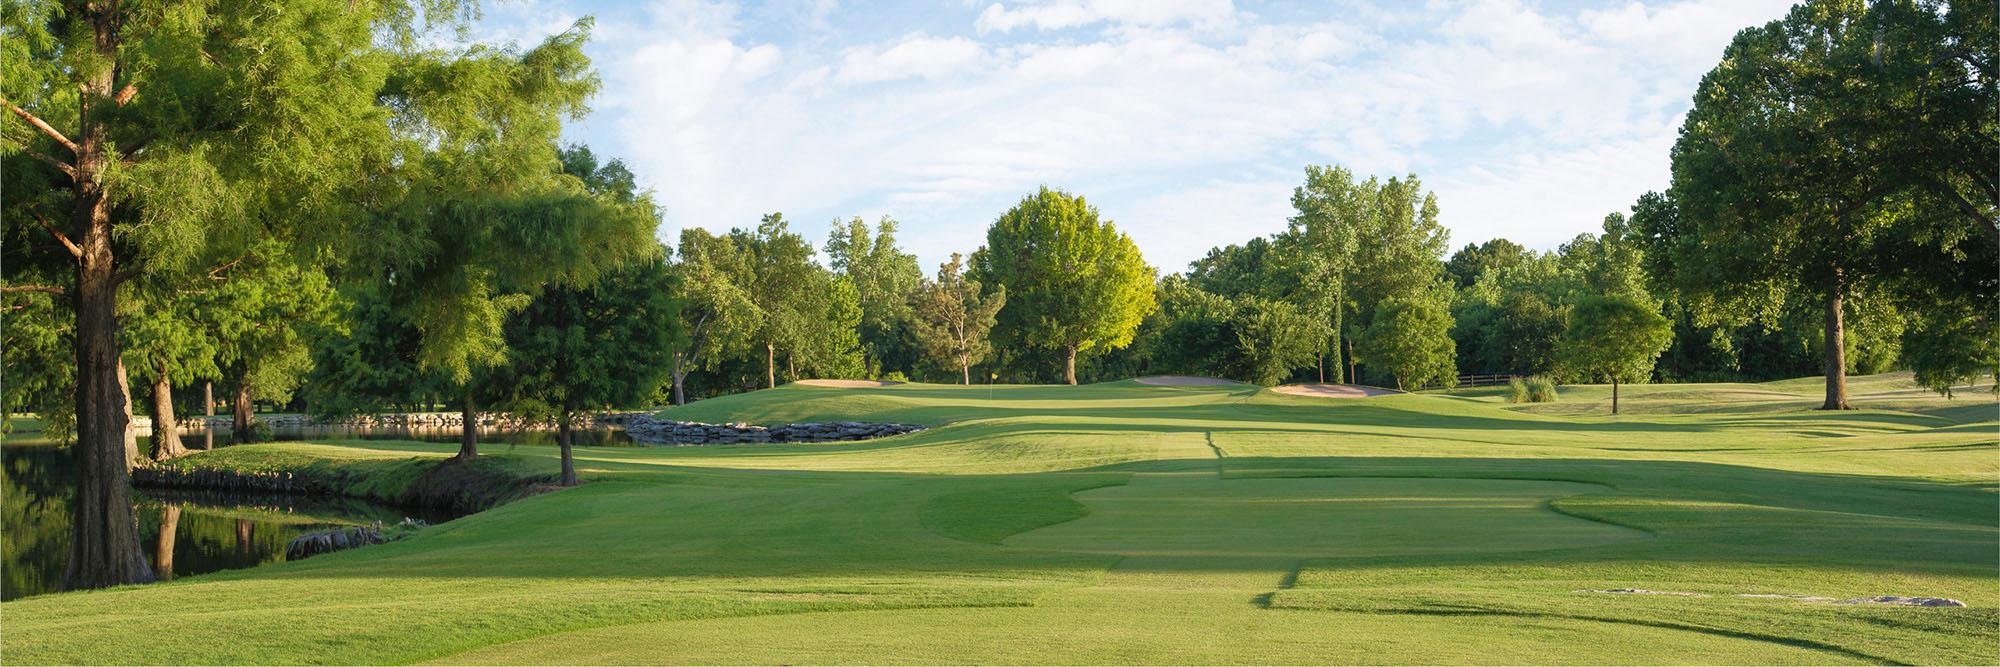 Golf Course Image - Cedar Ridge No. 15